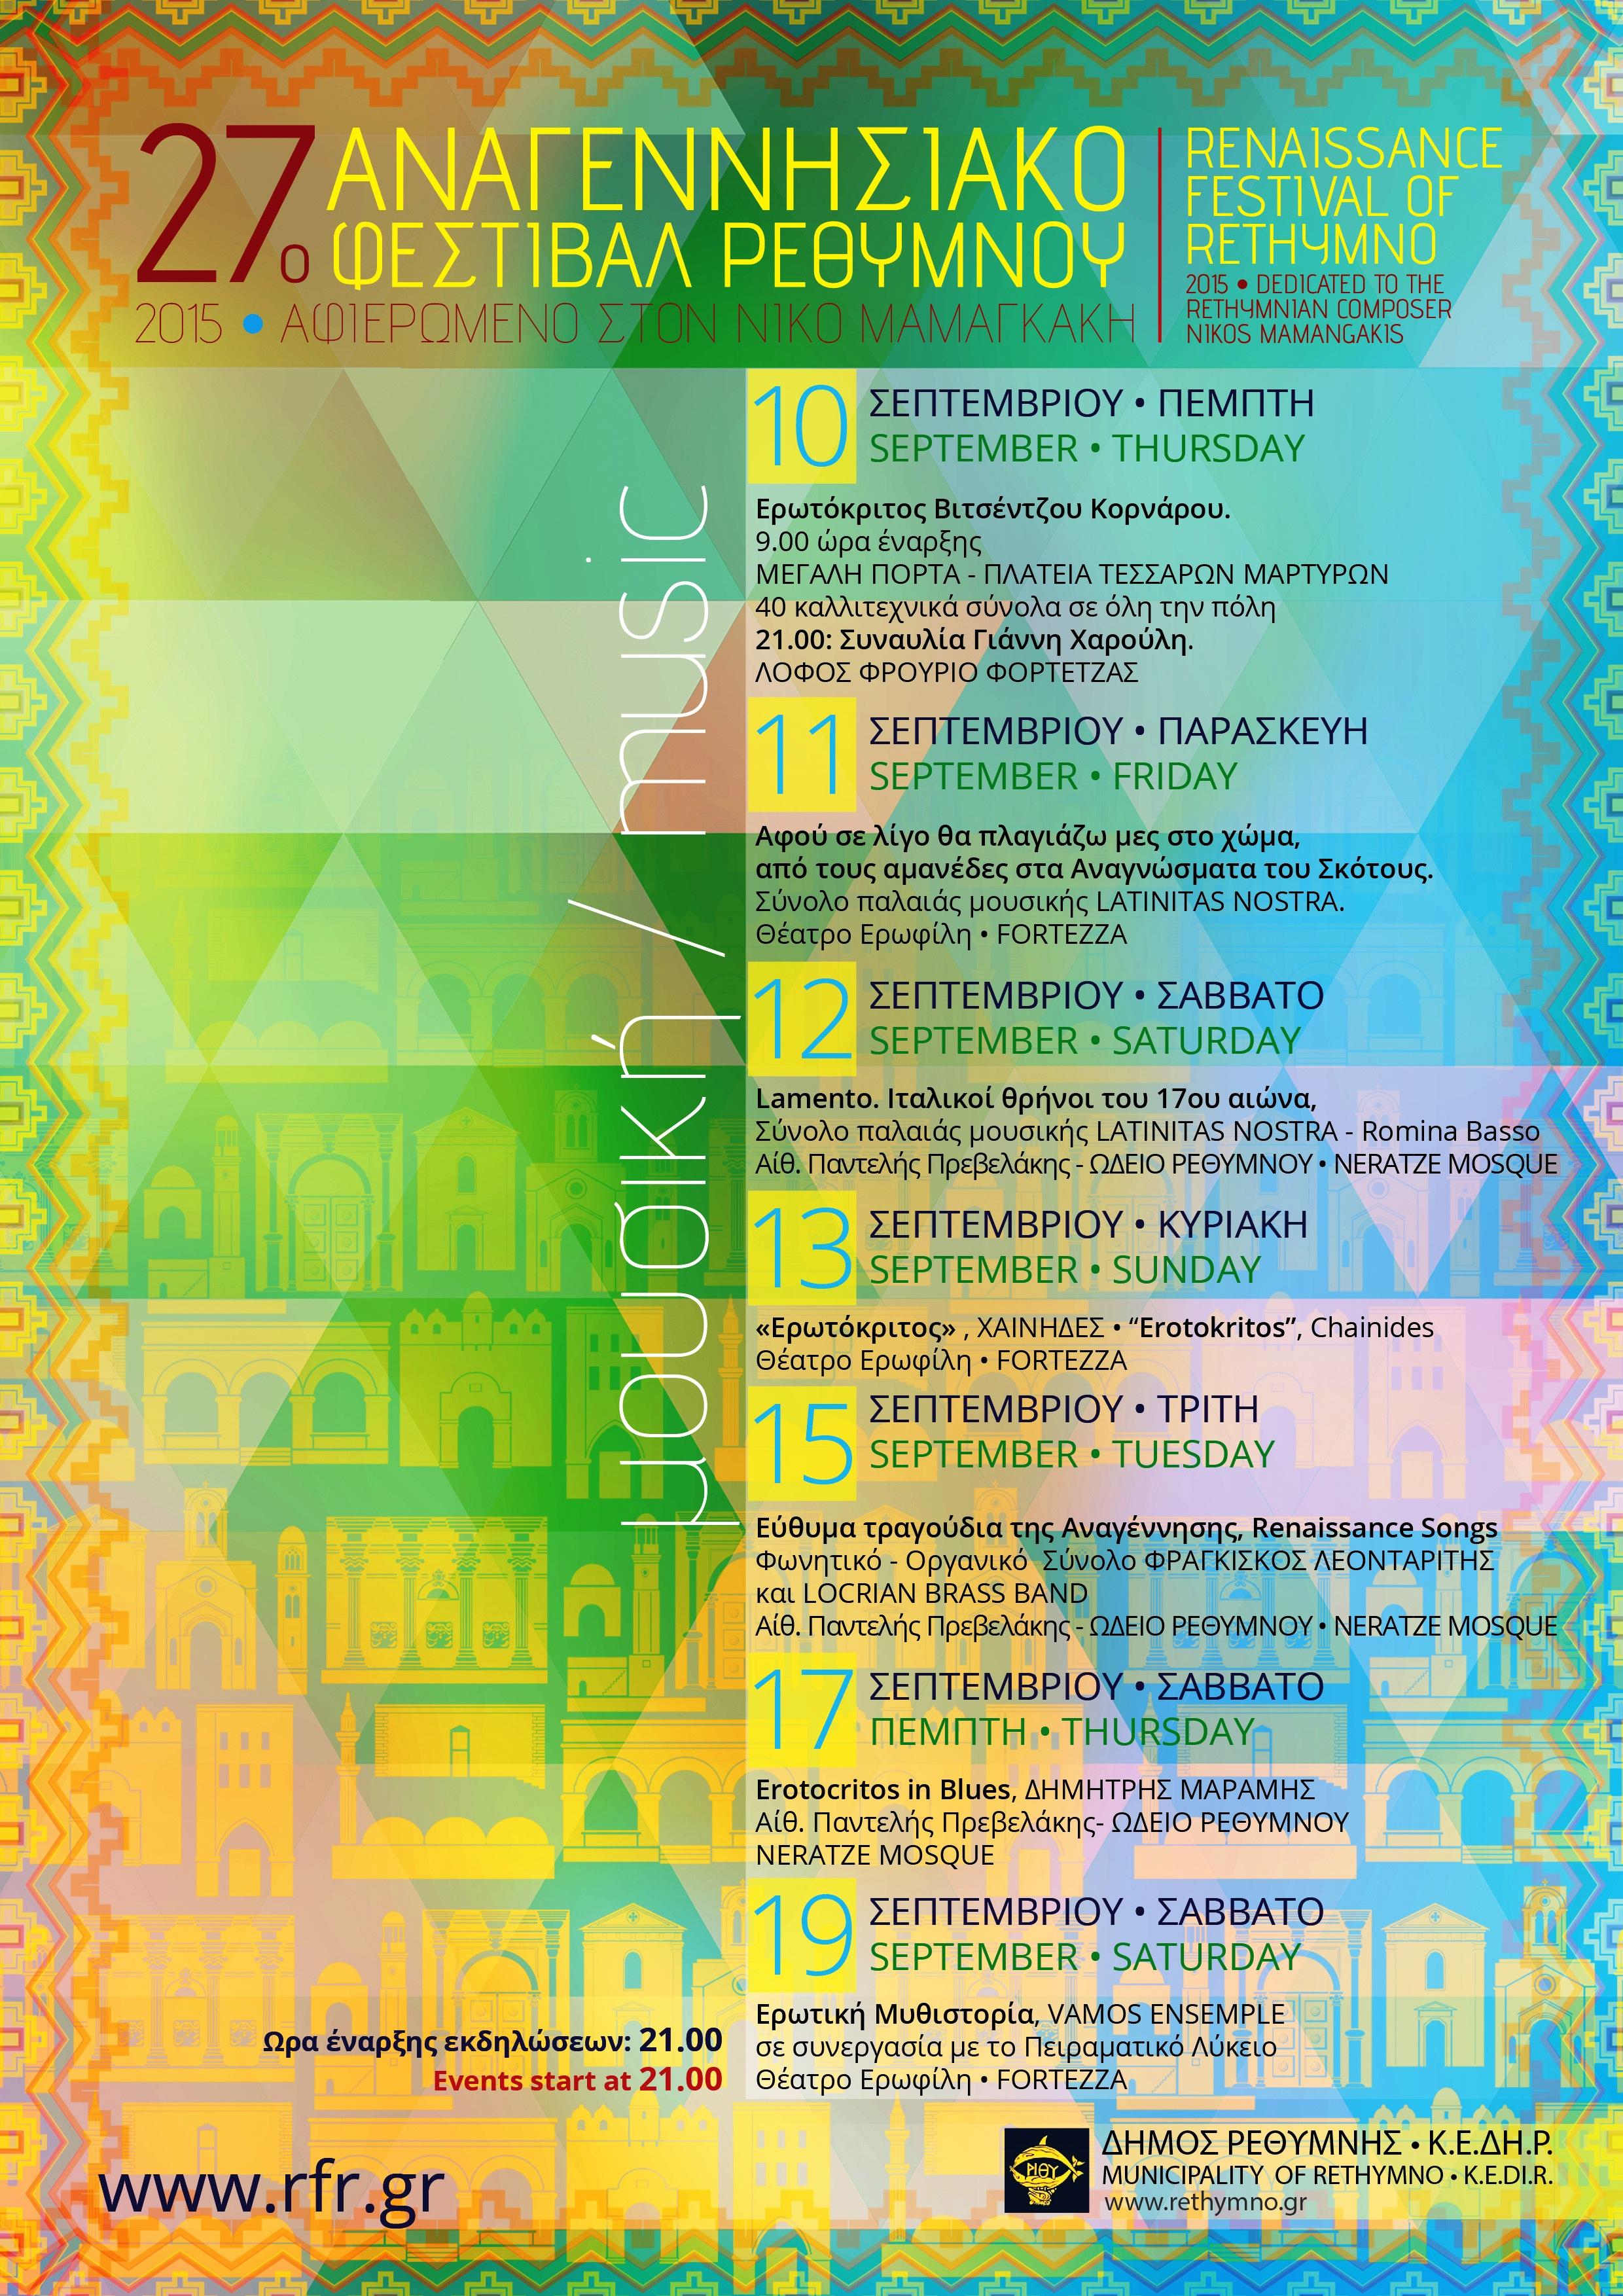 27ο Αναγεννησιακό Φεστιβάλ Ρεθύμνου